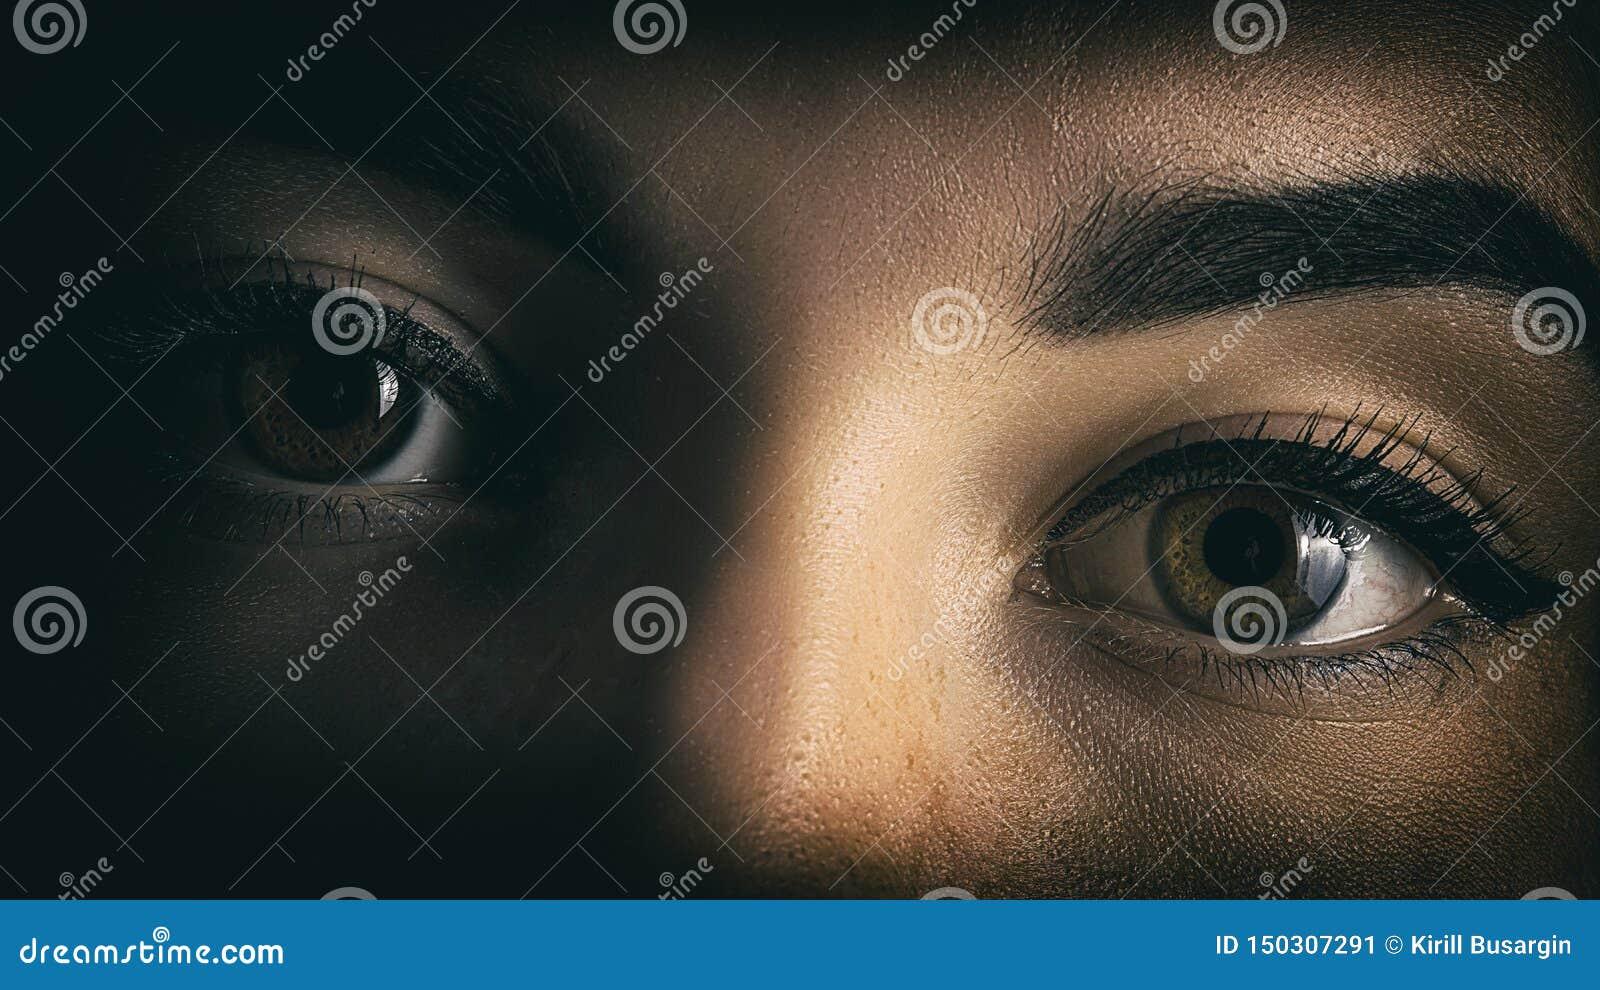 Los ojos de la muchacha cierran el retrato del horror de las sombras